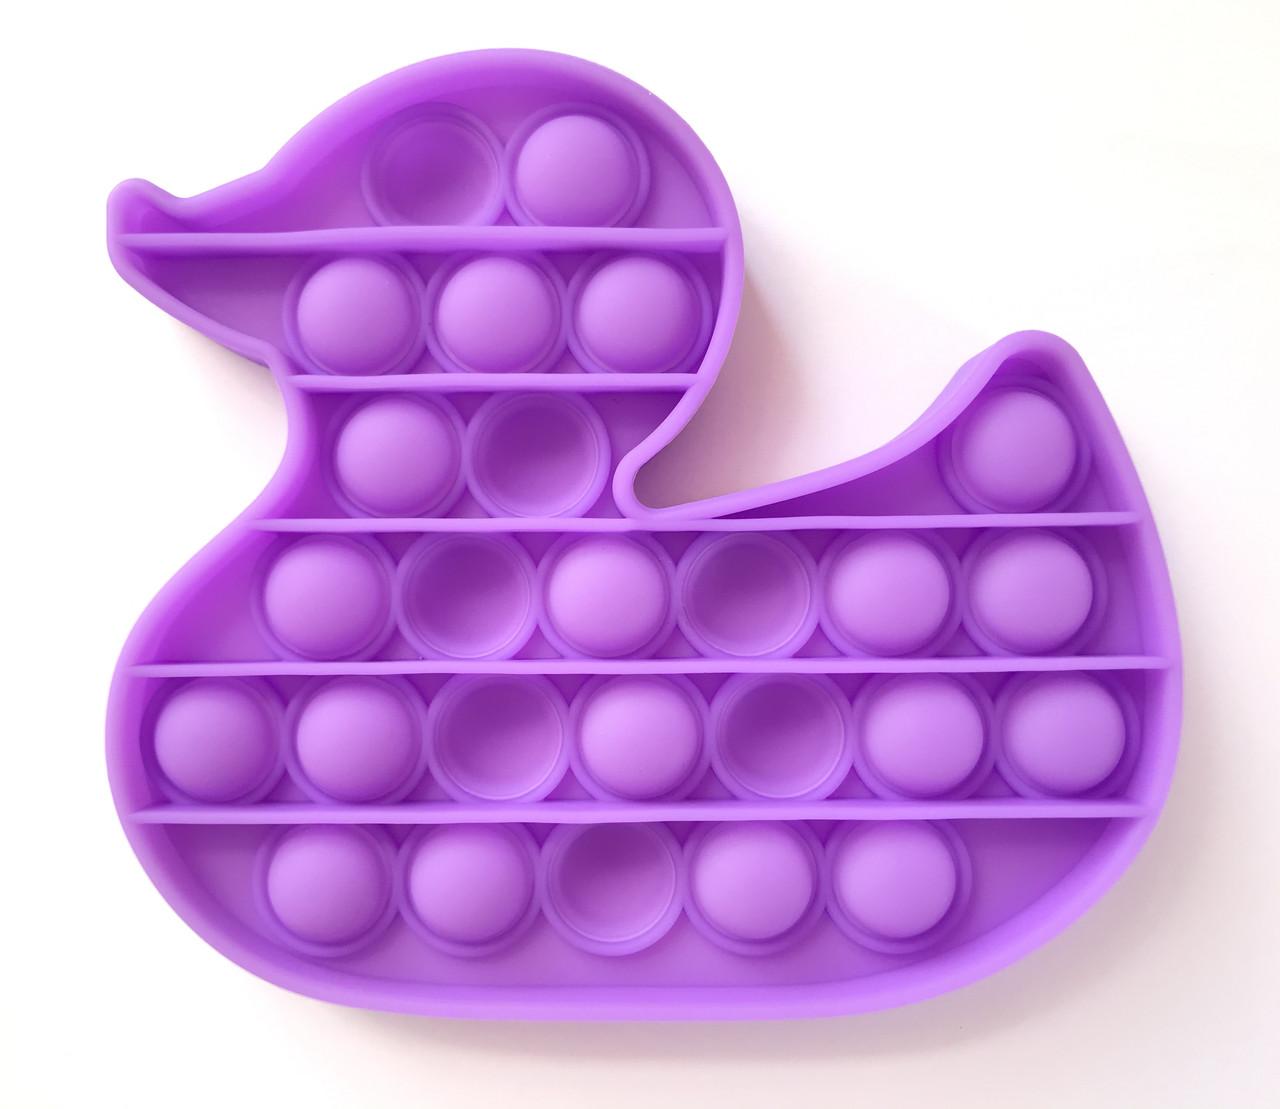 Pop It сенсорная игрушка, пупырка, поп ит антистресс, pop it fidget, попит, фиолетовая уточка